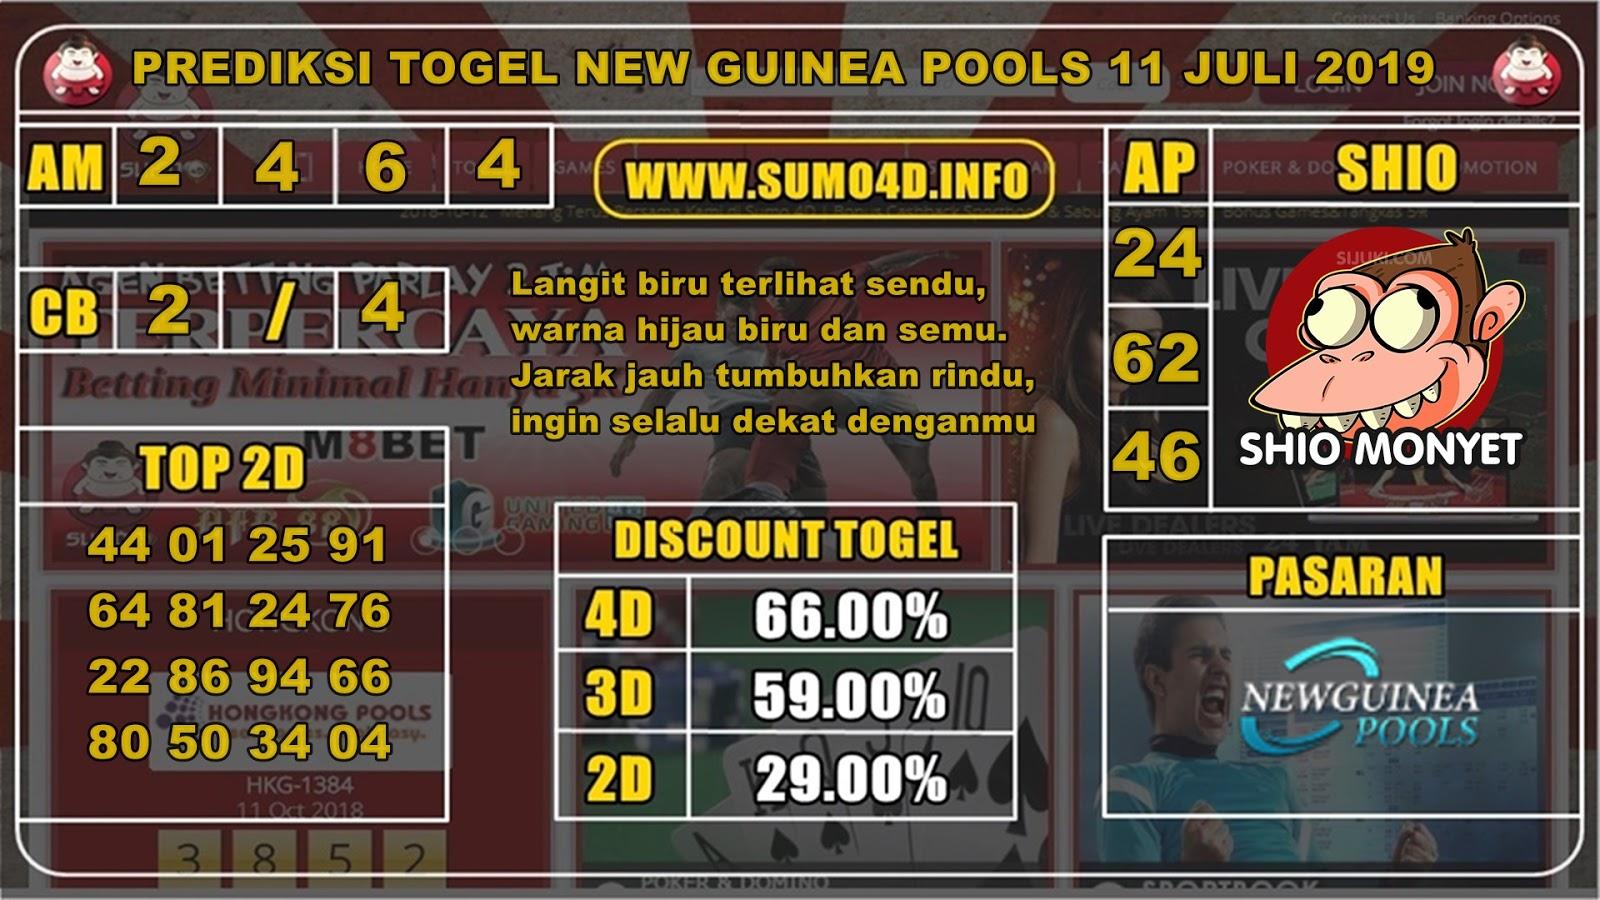 PREDIKSI HARIAN TOGEL JITU NEW GUINEA POOLS 10 JULI 2019 - Sumo 4D